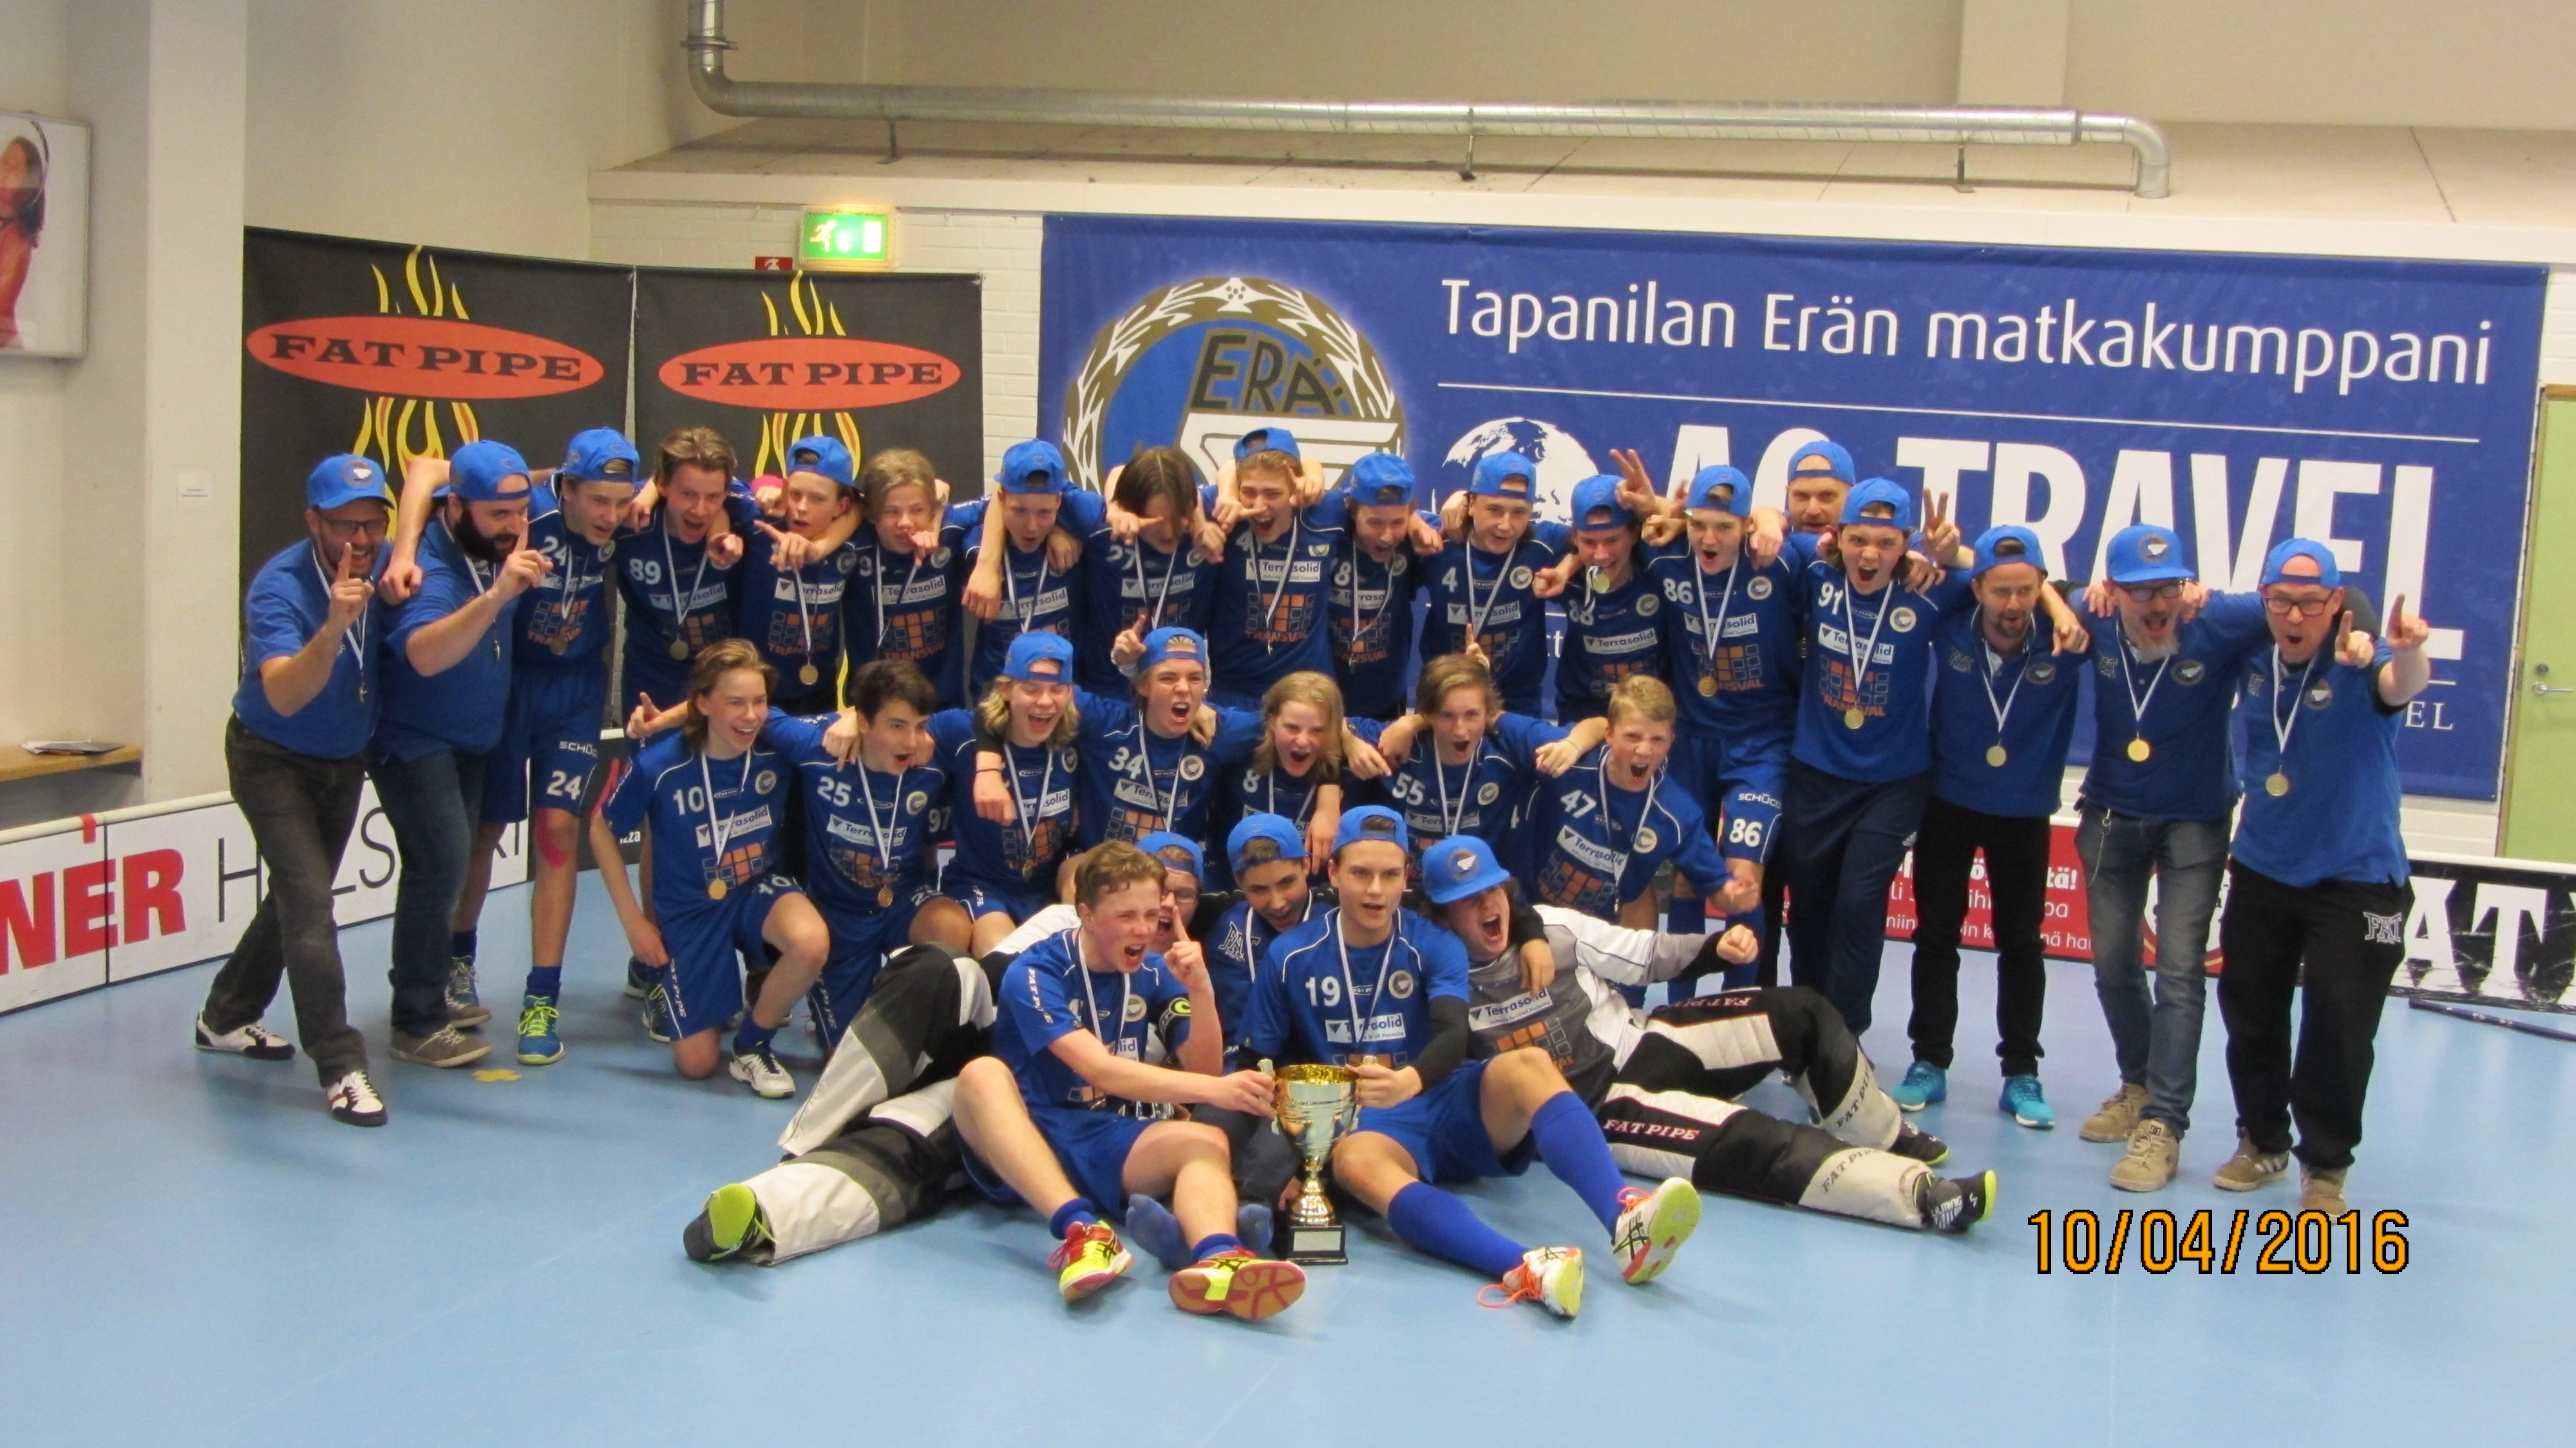 Tapanilan Erä nappasi C2-juniorien SM-kultaa kaudella 2015-2016. Kuva: Marika Kuivamäki